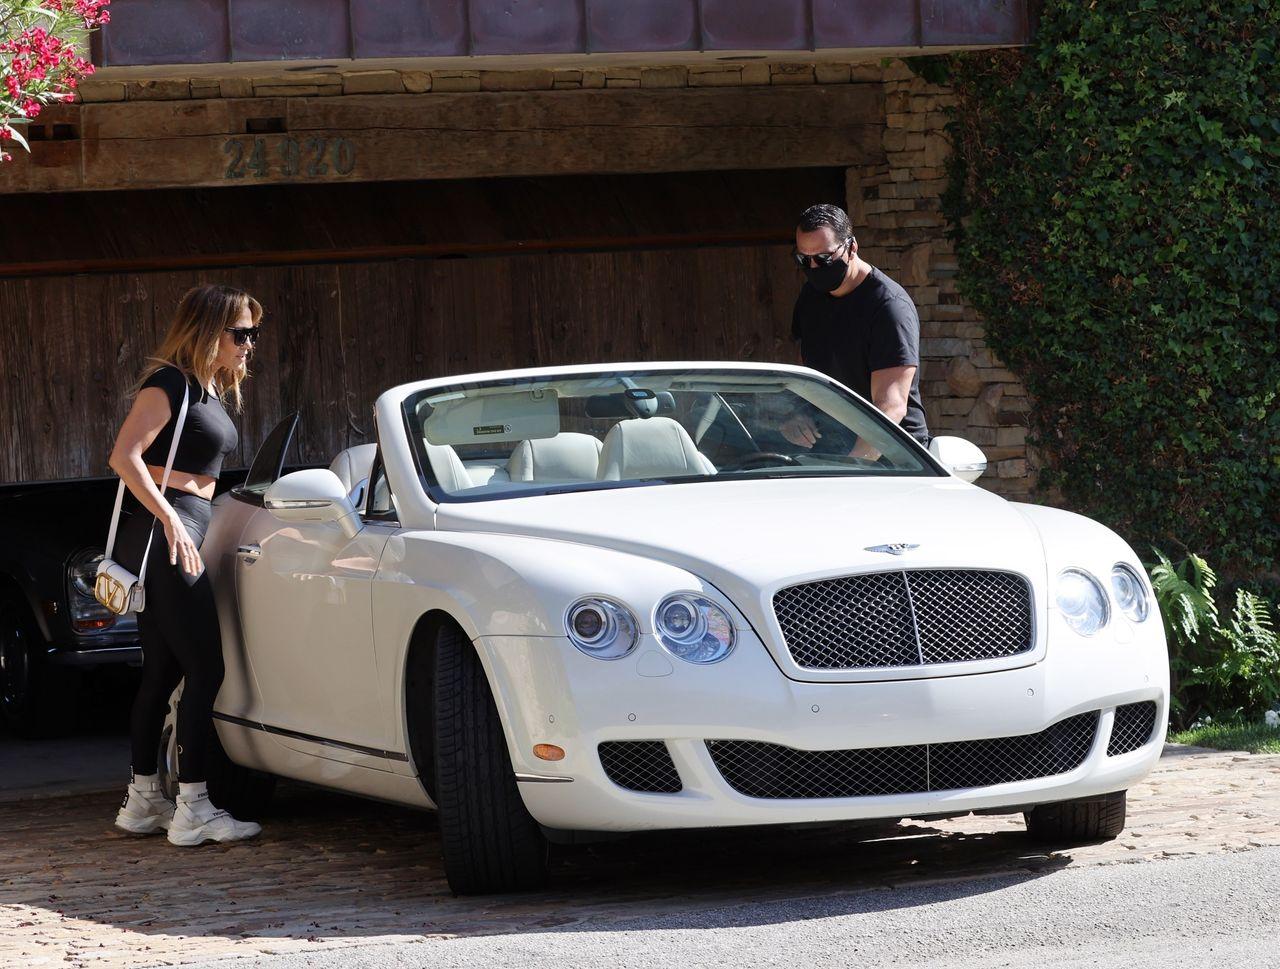 Jennifer Lopez z narzeczonym, Alexem Rodriguezem, szukają lokum na wakacje